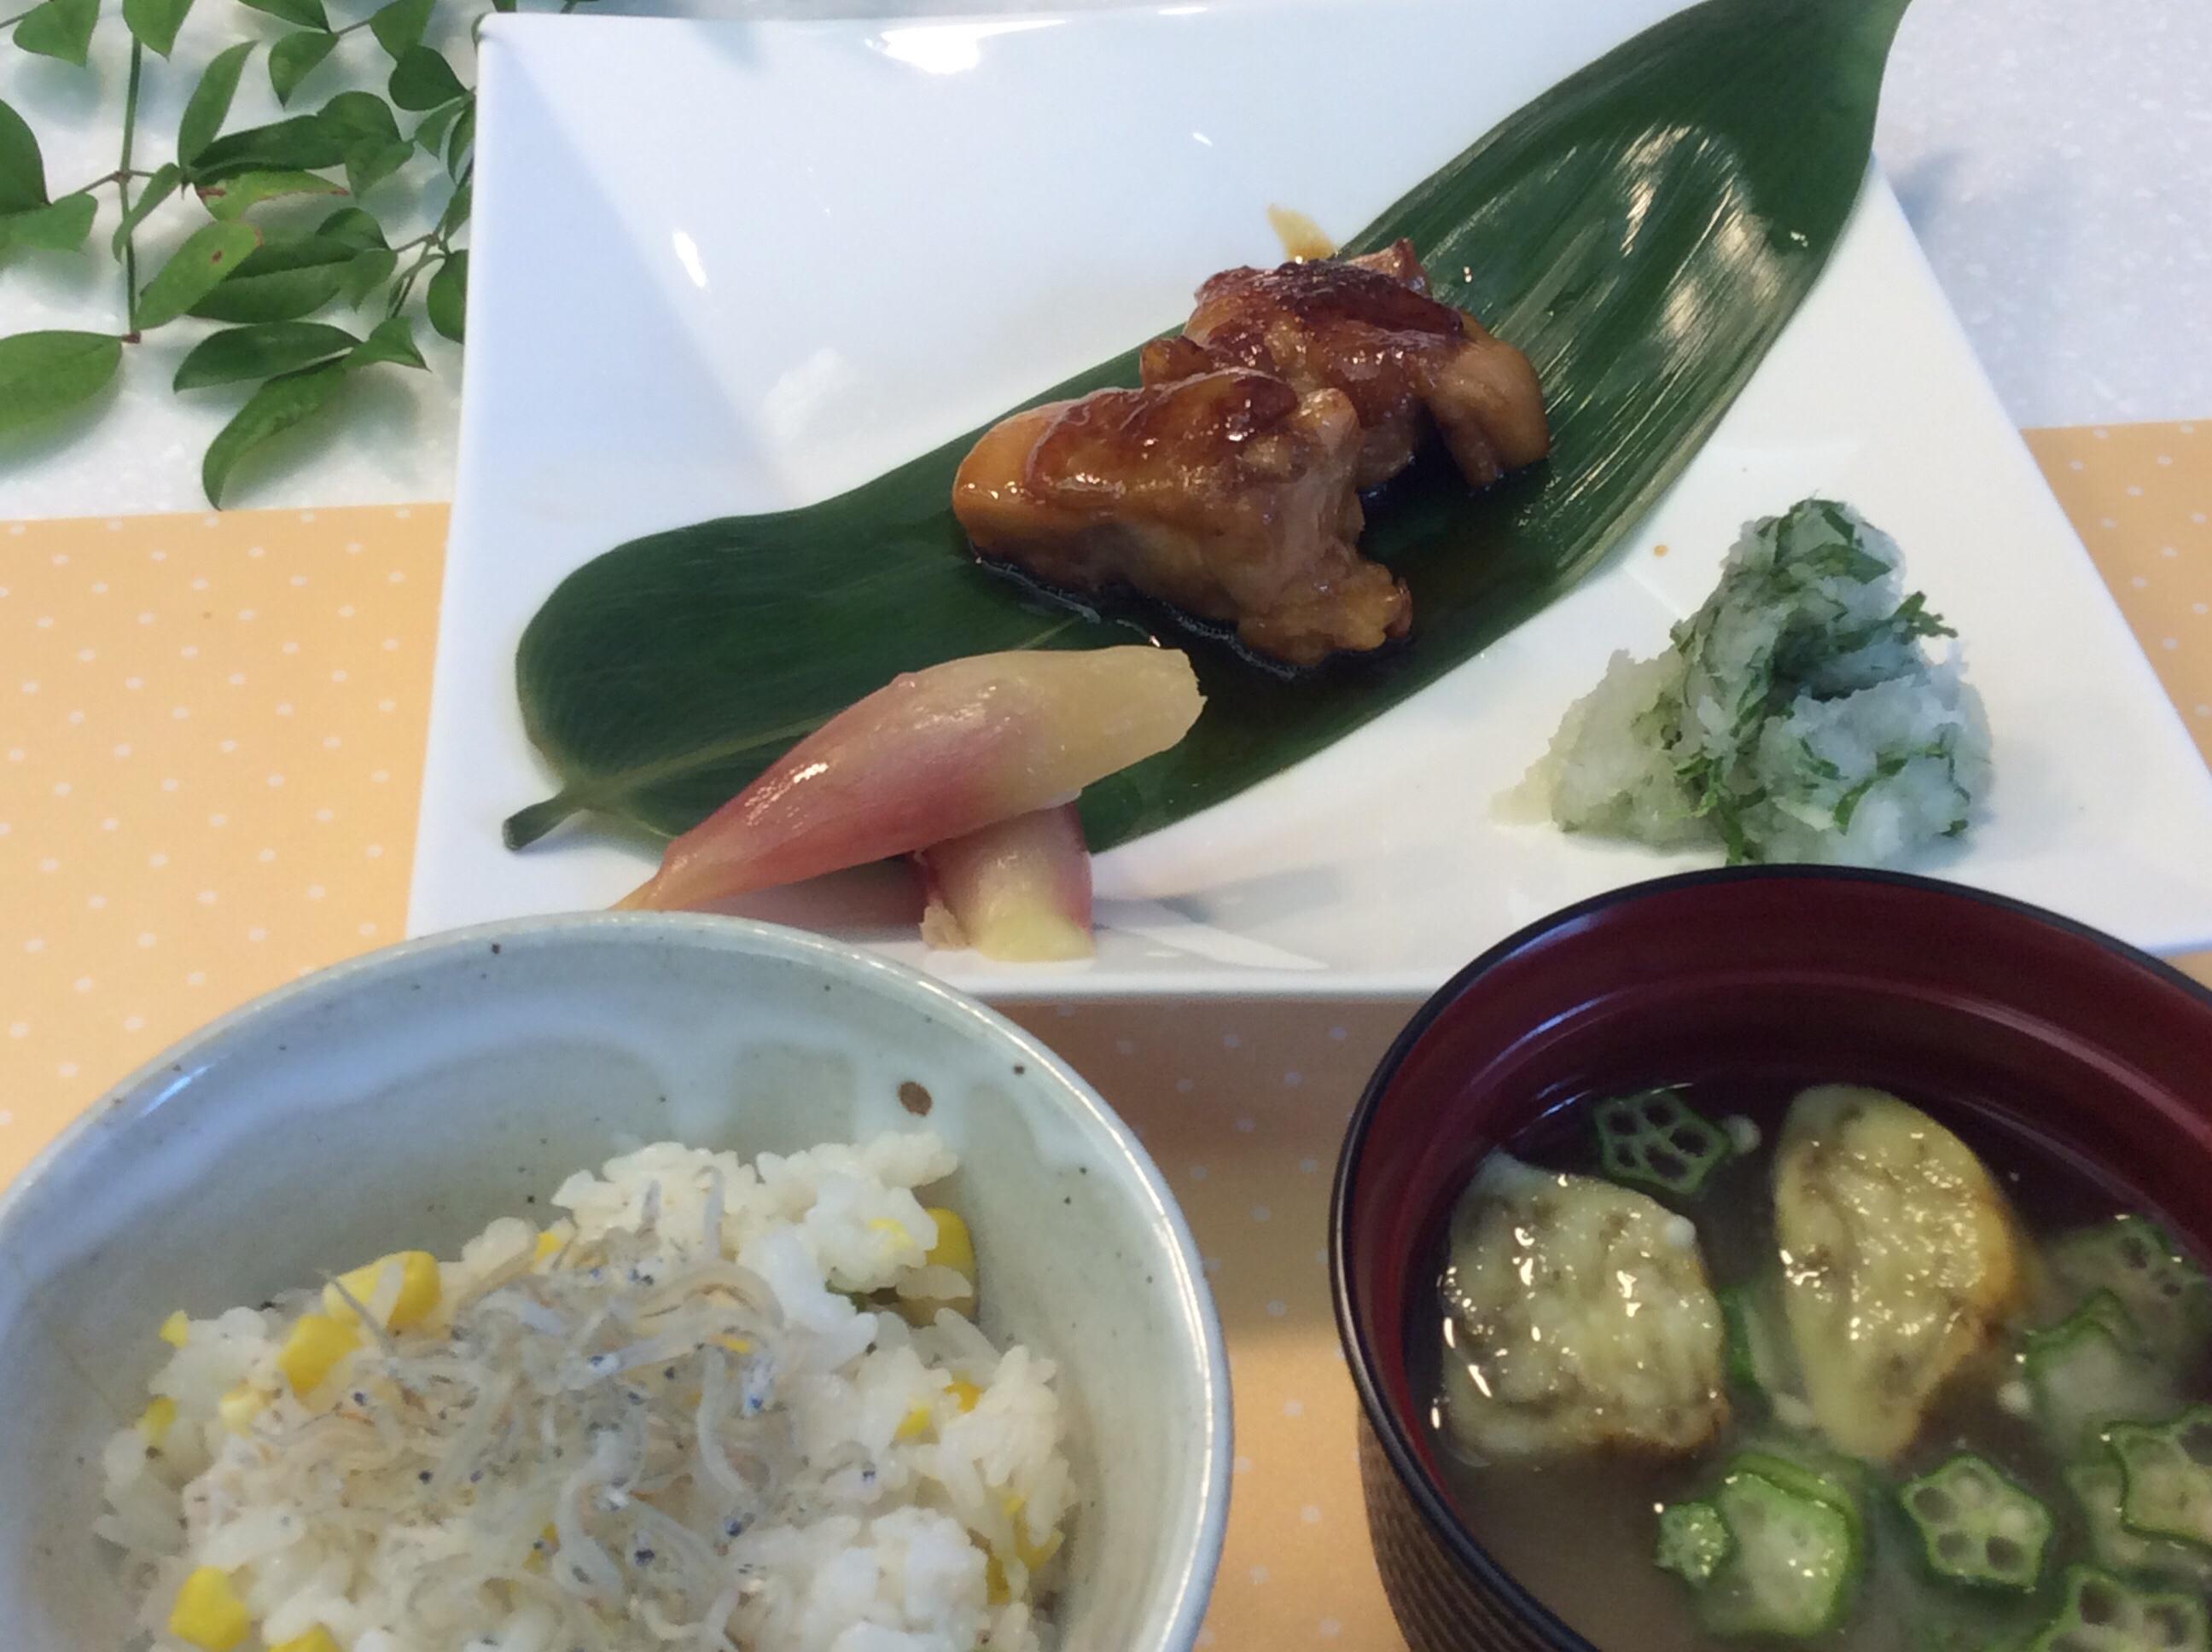 恭子先生の簡単料理教室と食育セミナー